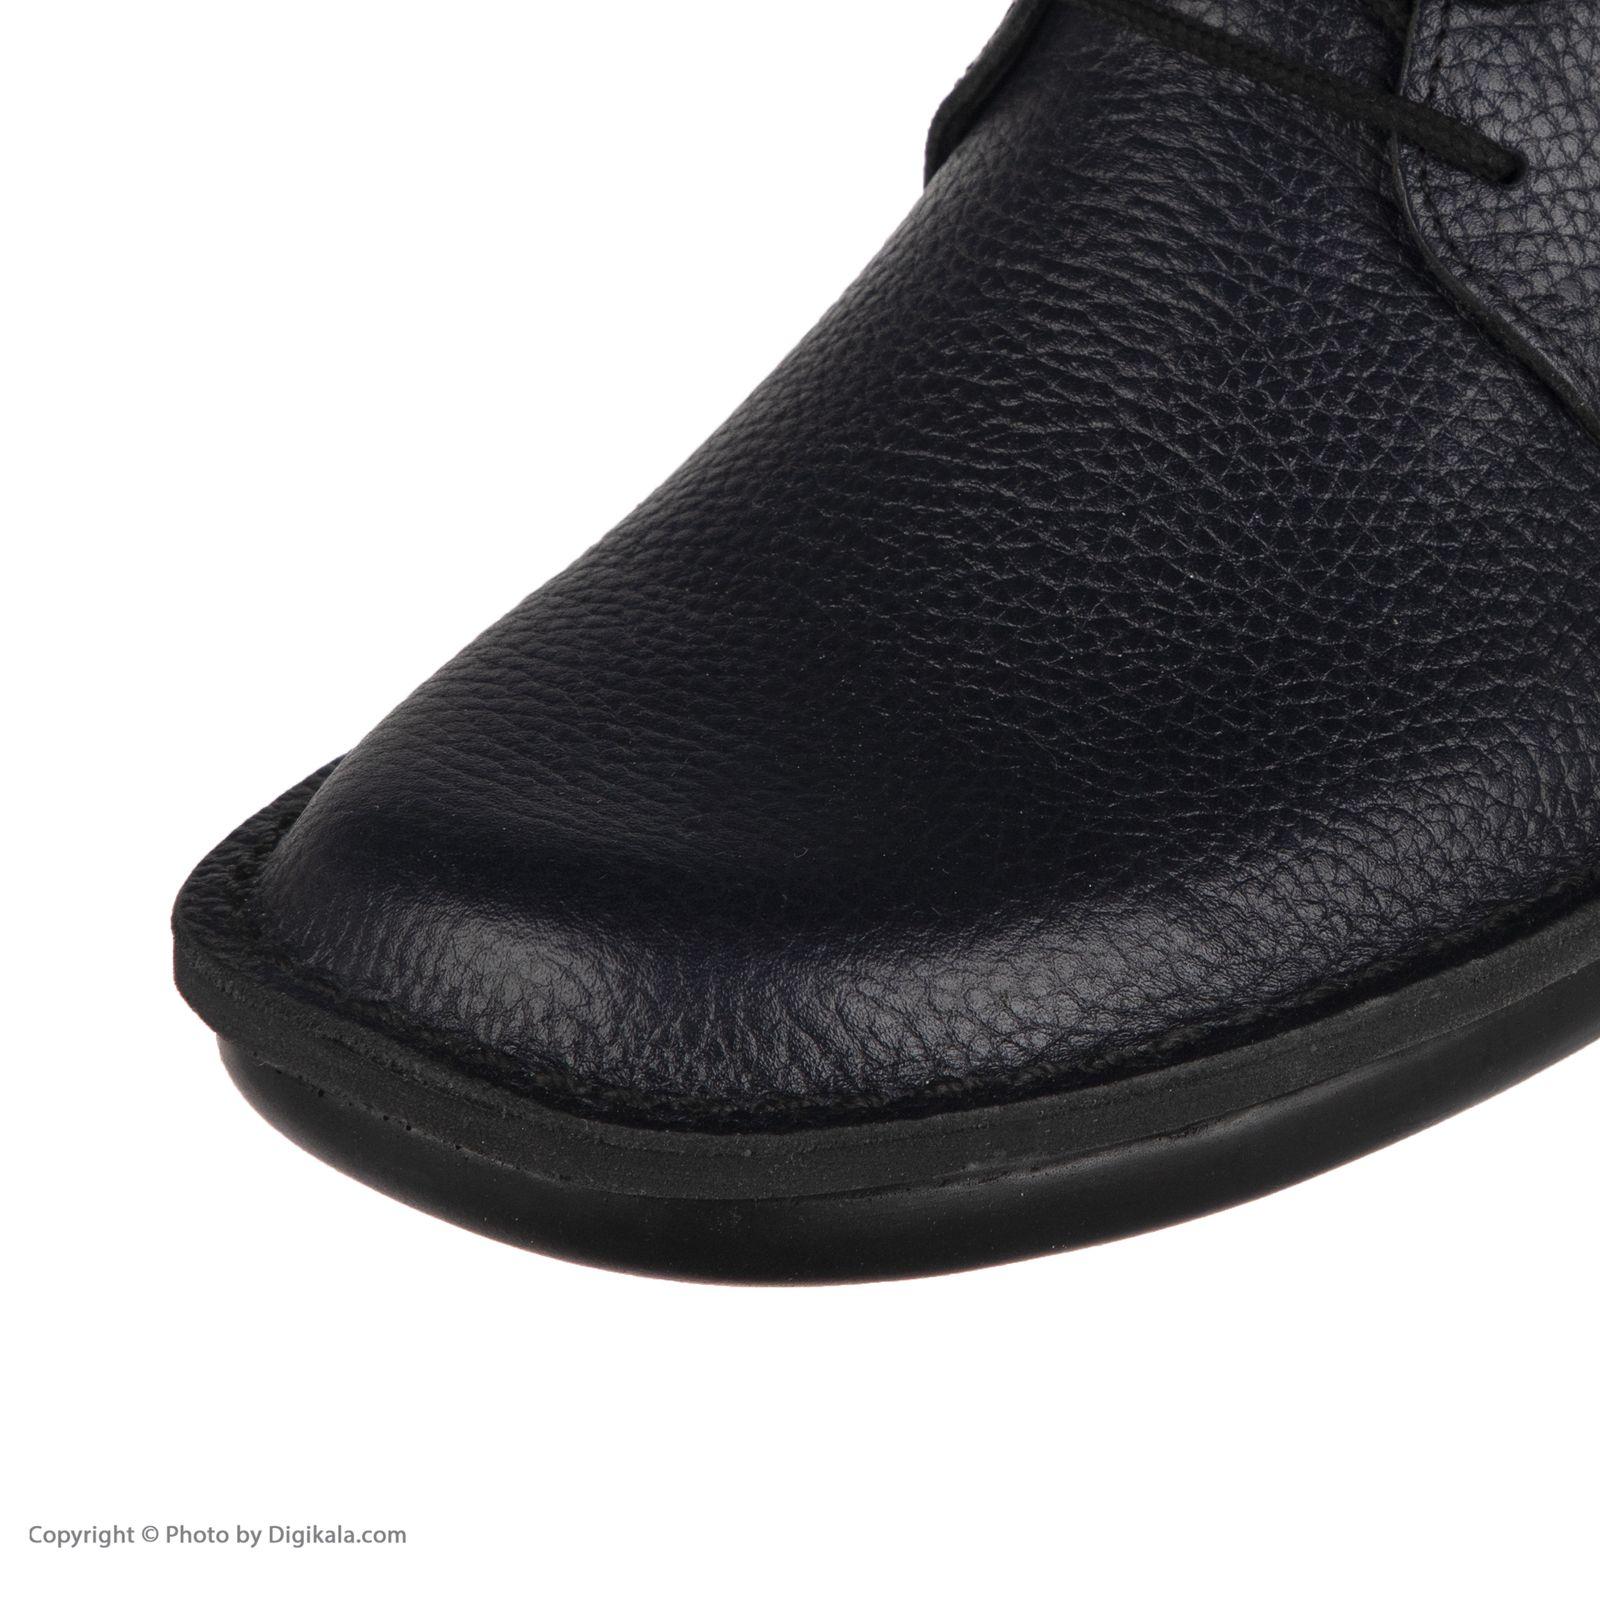 کفش روزمره مردانه سوته مدل 4789A501103 -  - 8